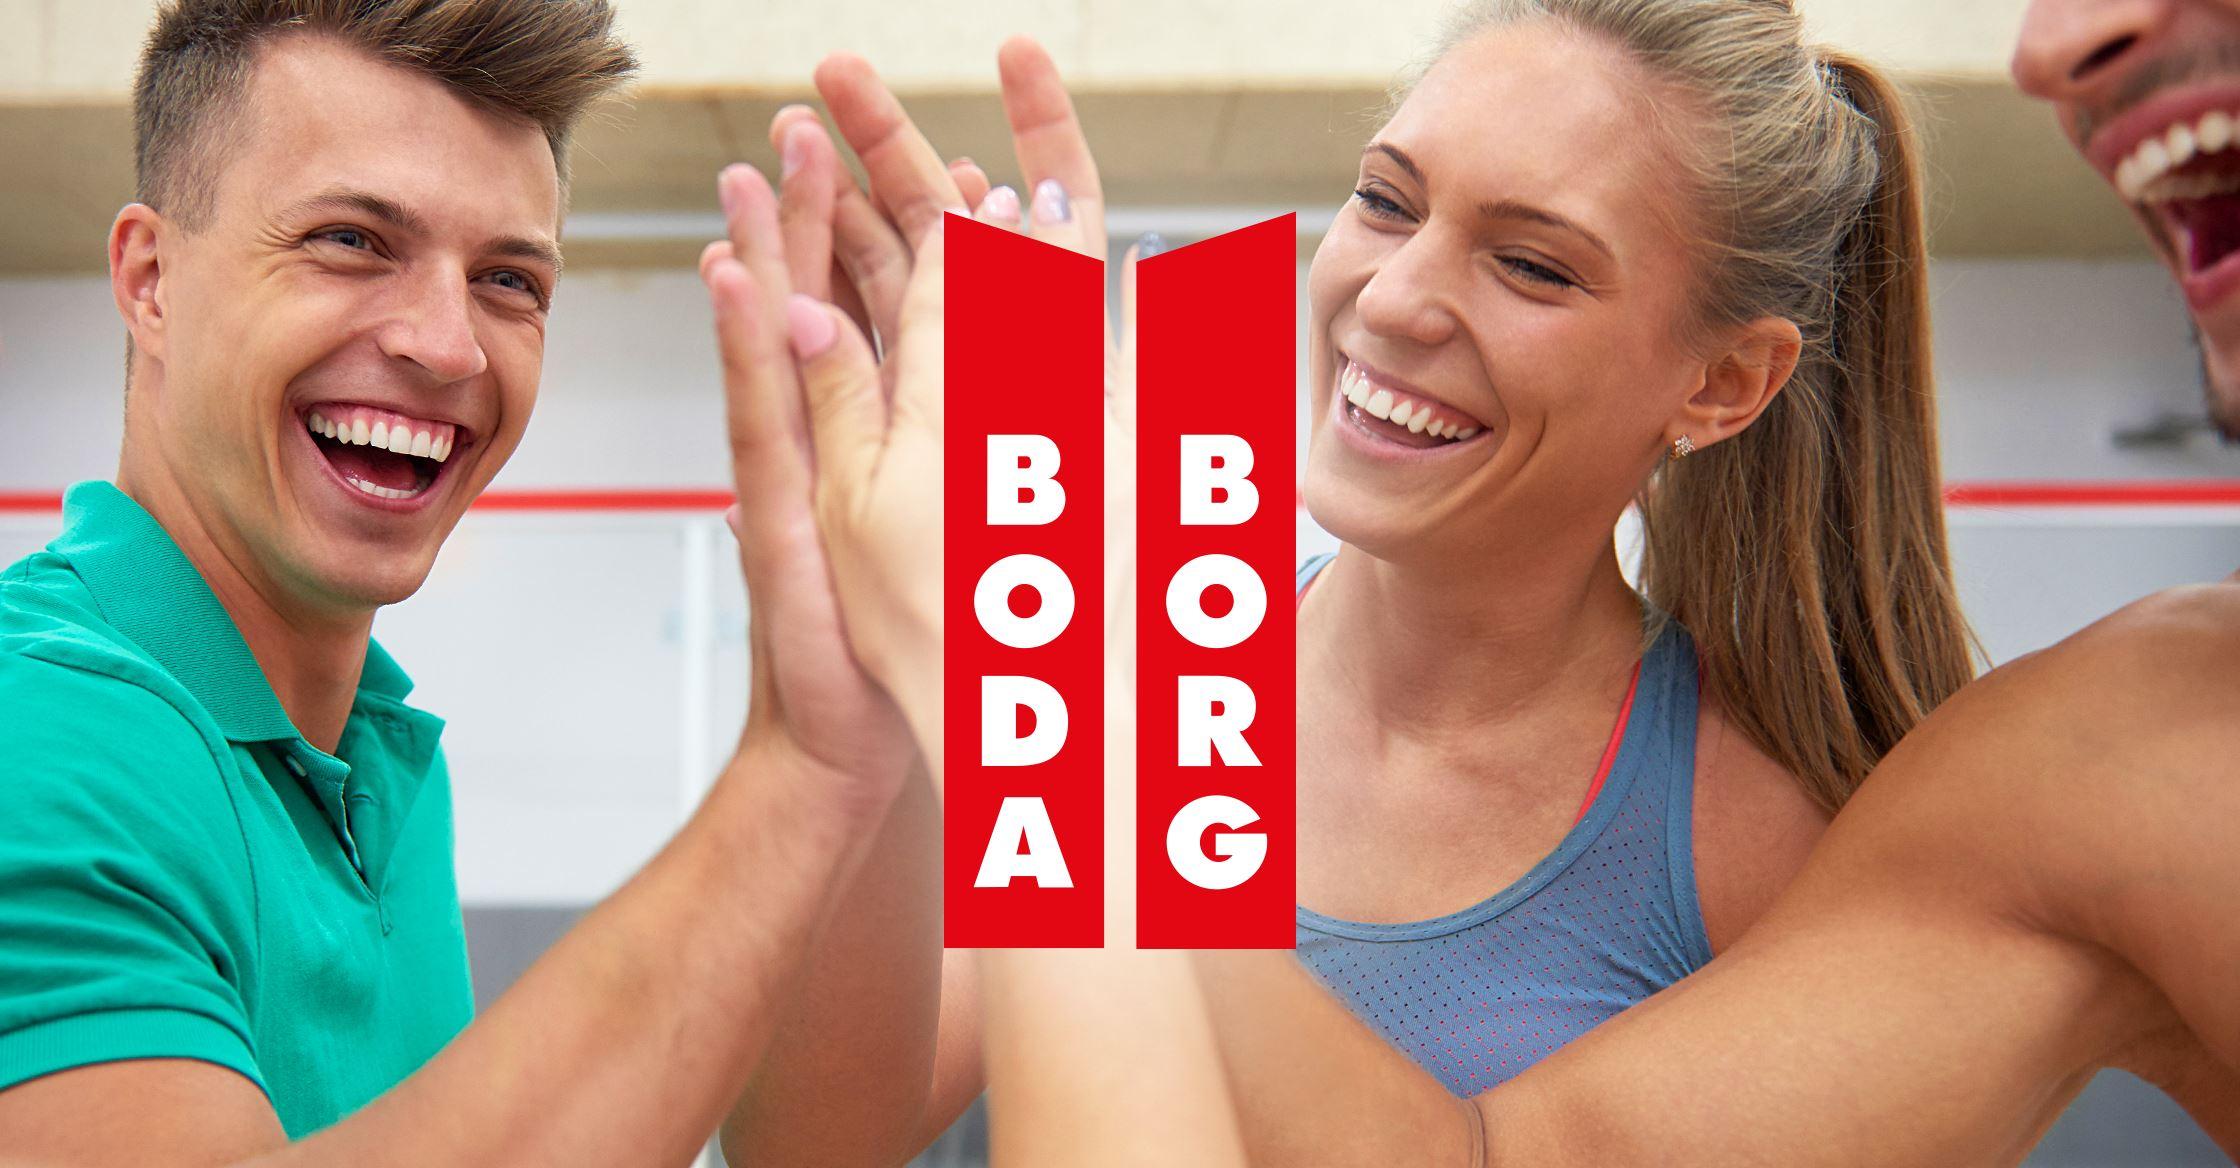 Boda Borg - Entrébiljett